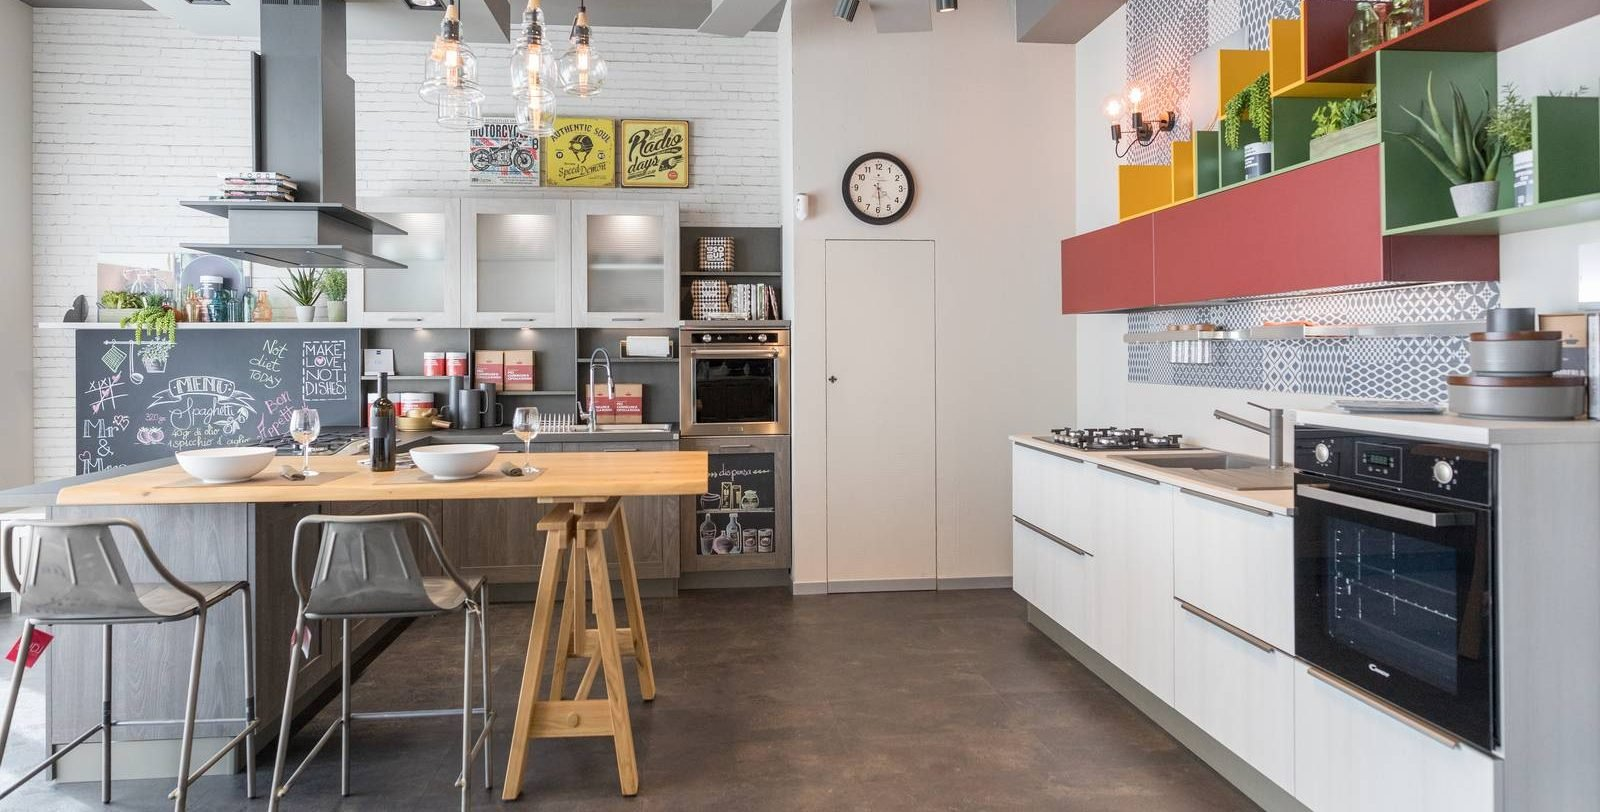 Stosa cucine inaugura un nuovo store monomarca a pomezia for Cose di casa shop on line